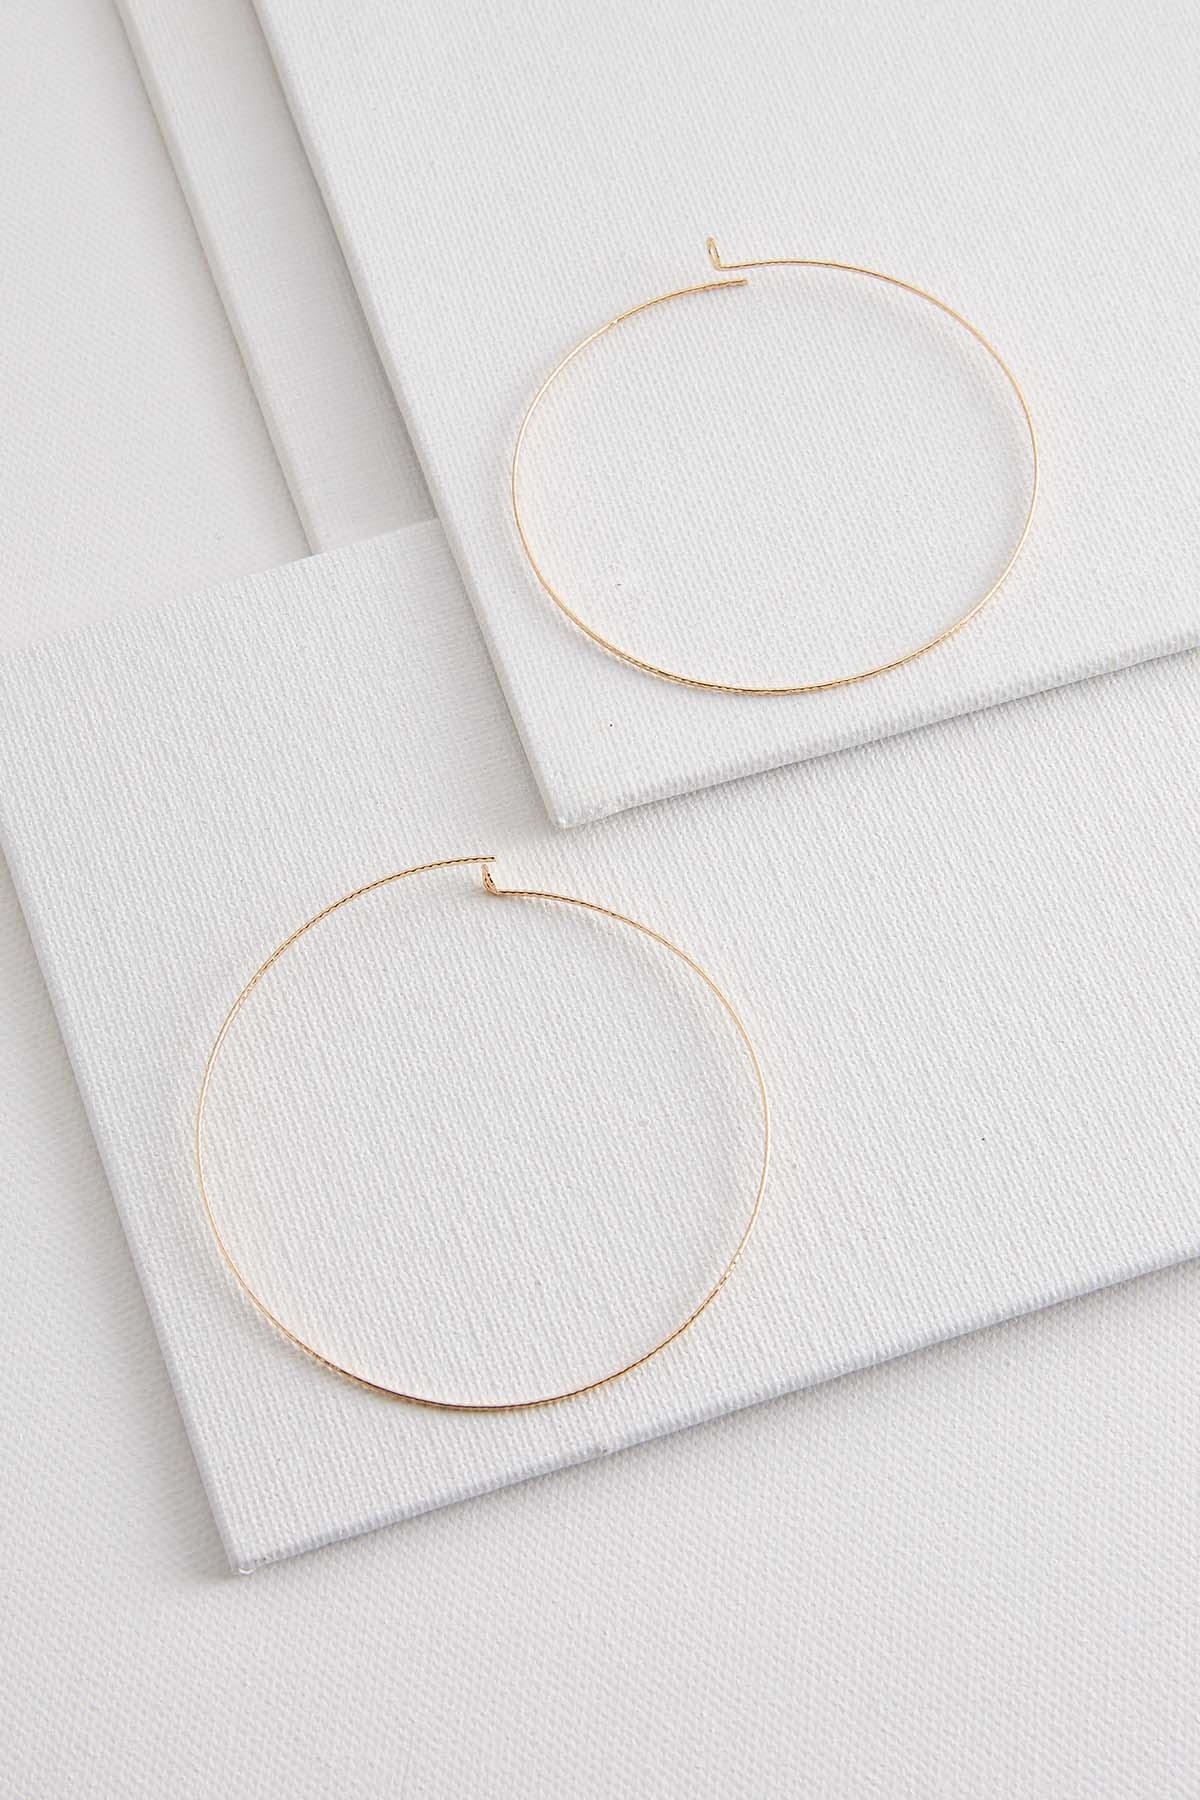 Thin Metal Hoop Earrings